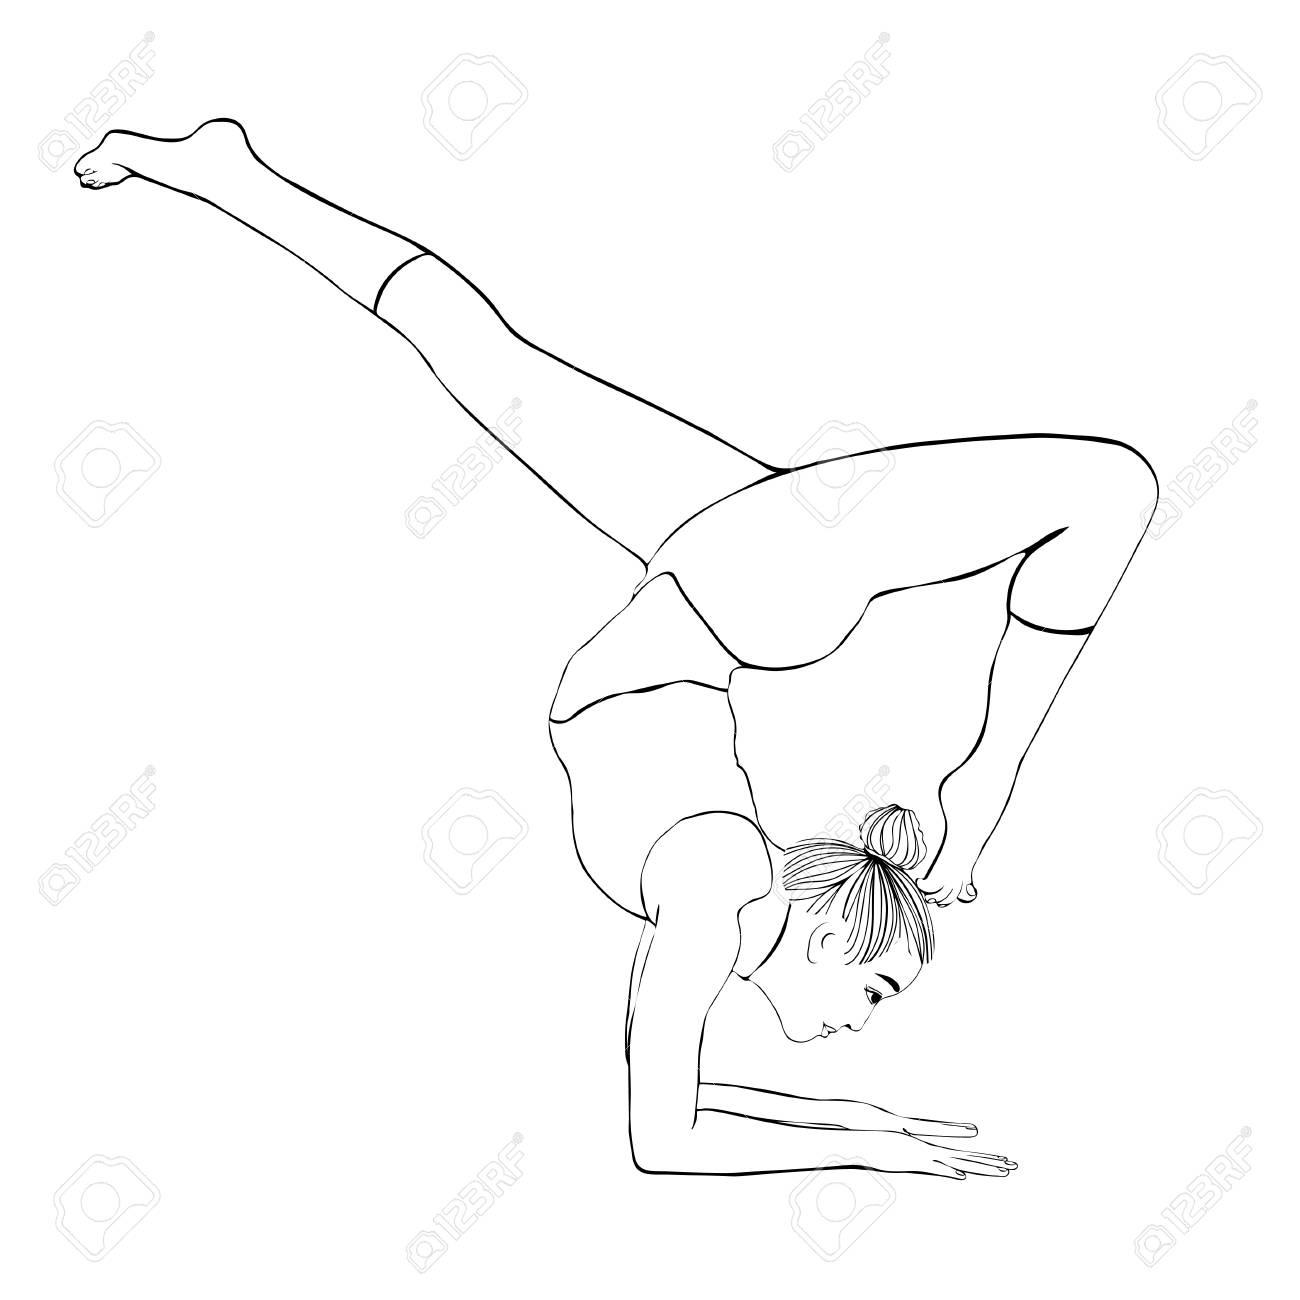 Pose De Yoga Poirier De Femme Vector Dessin Portrait A Colorier La Meditation Est Engagee Dans La Gymnastique Fille Fait Un Stand Sur Les Mains Esquisser Une Illustration En Noir Et Blanc